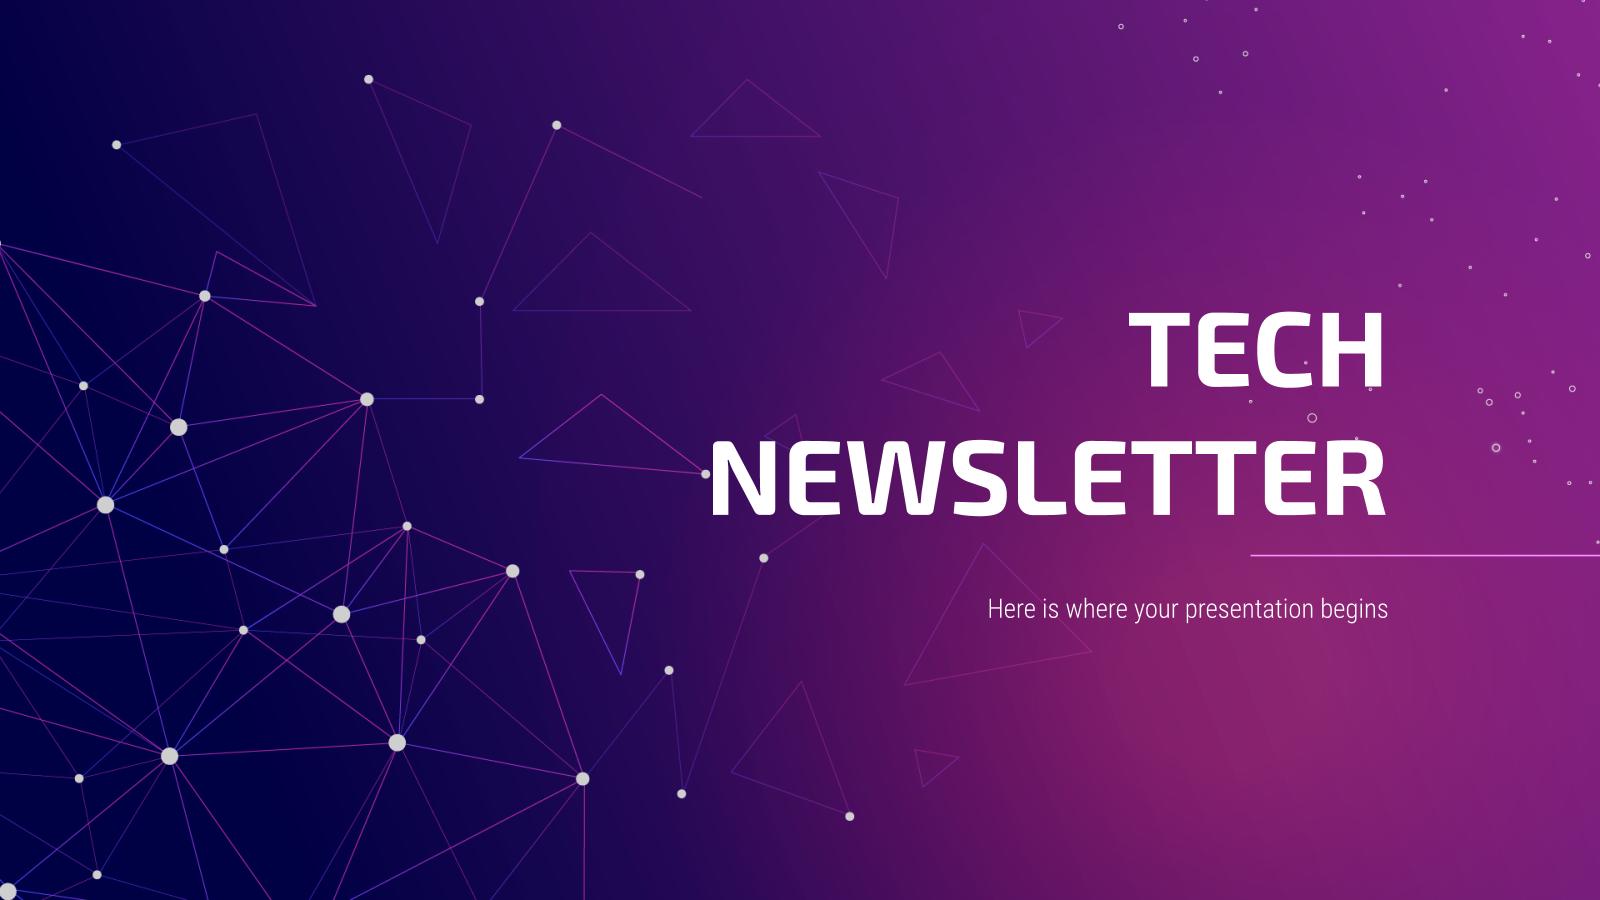 Tech Newsletter presentation template